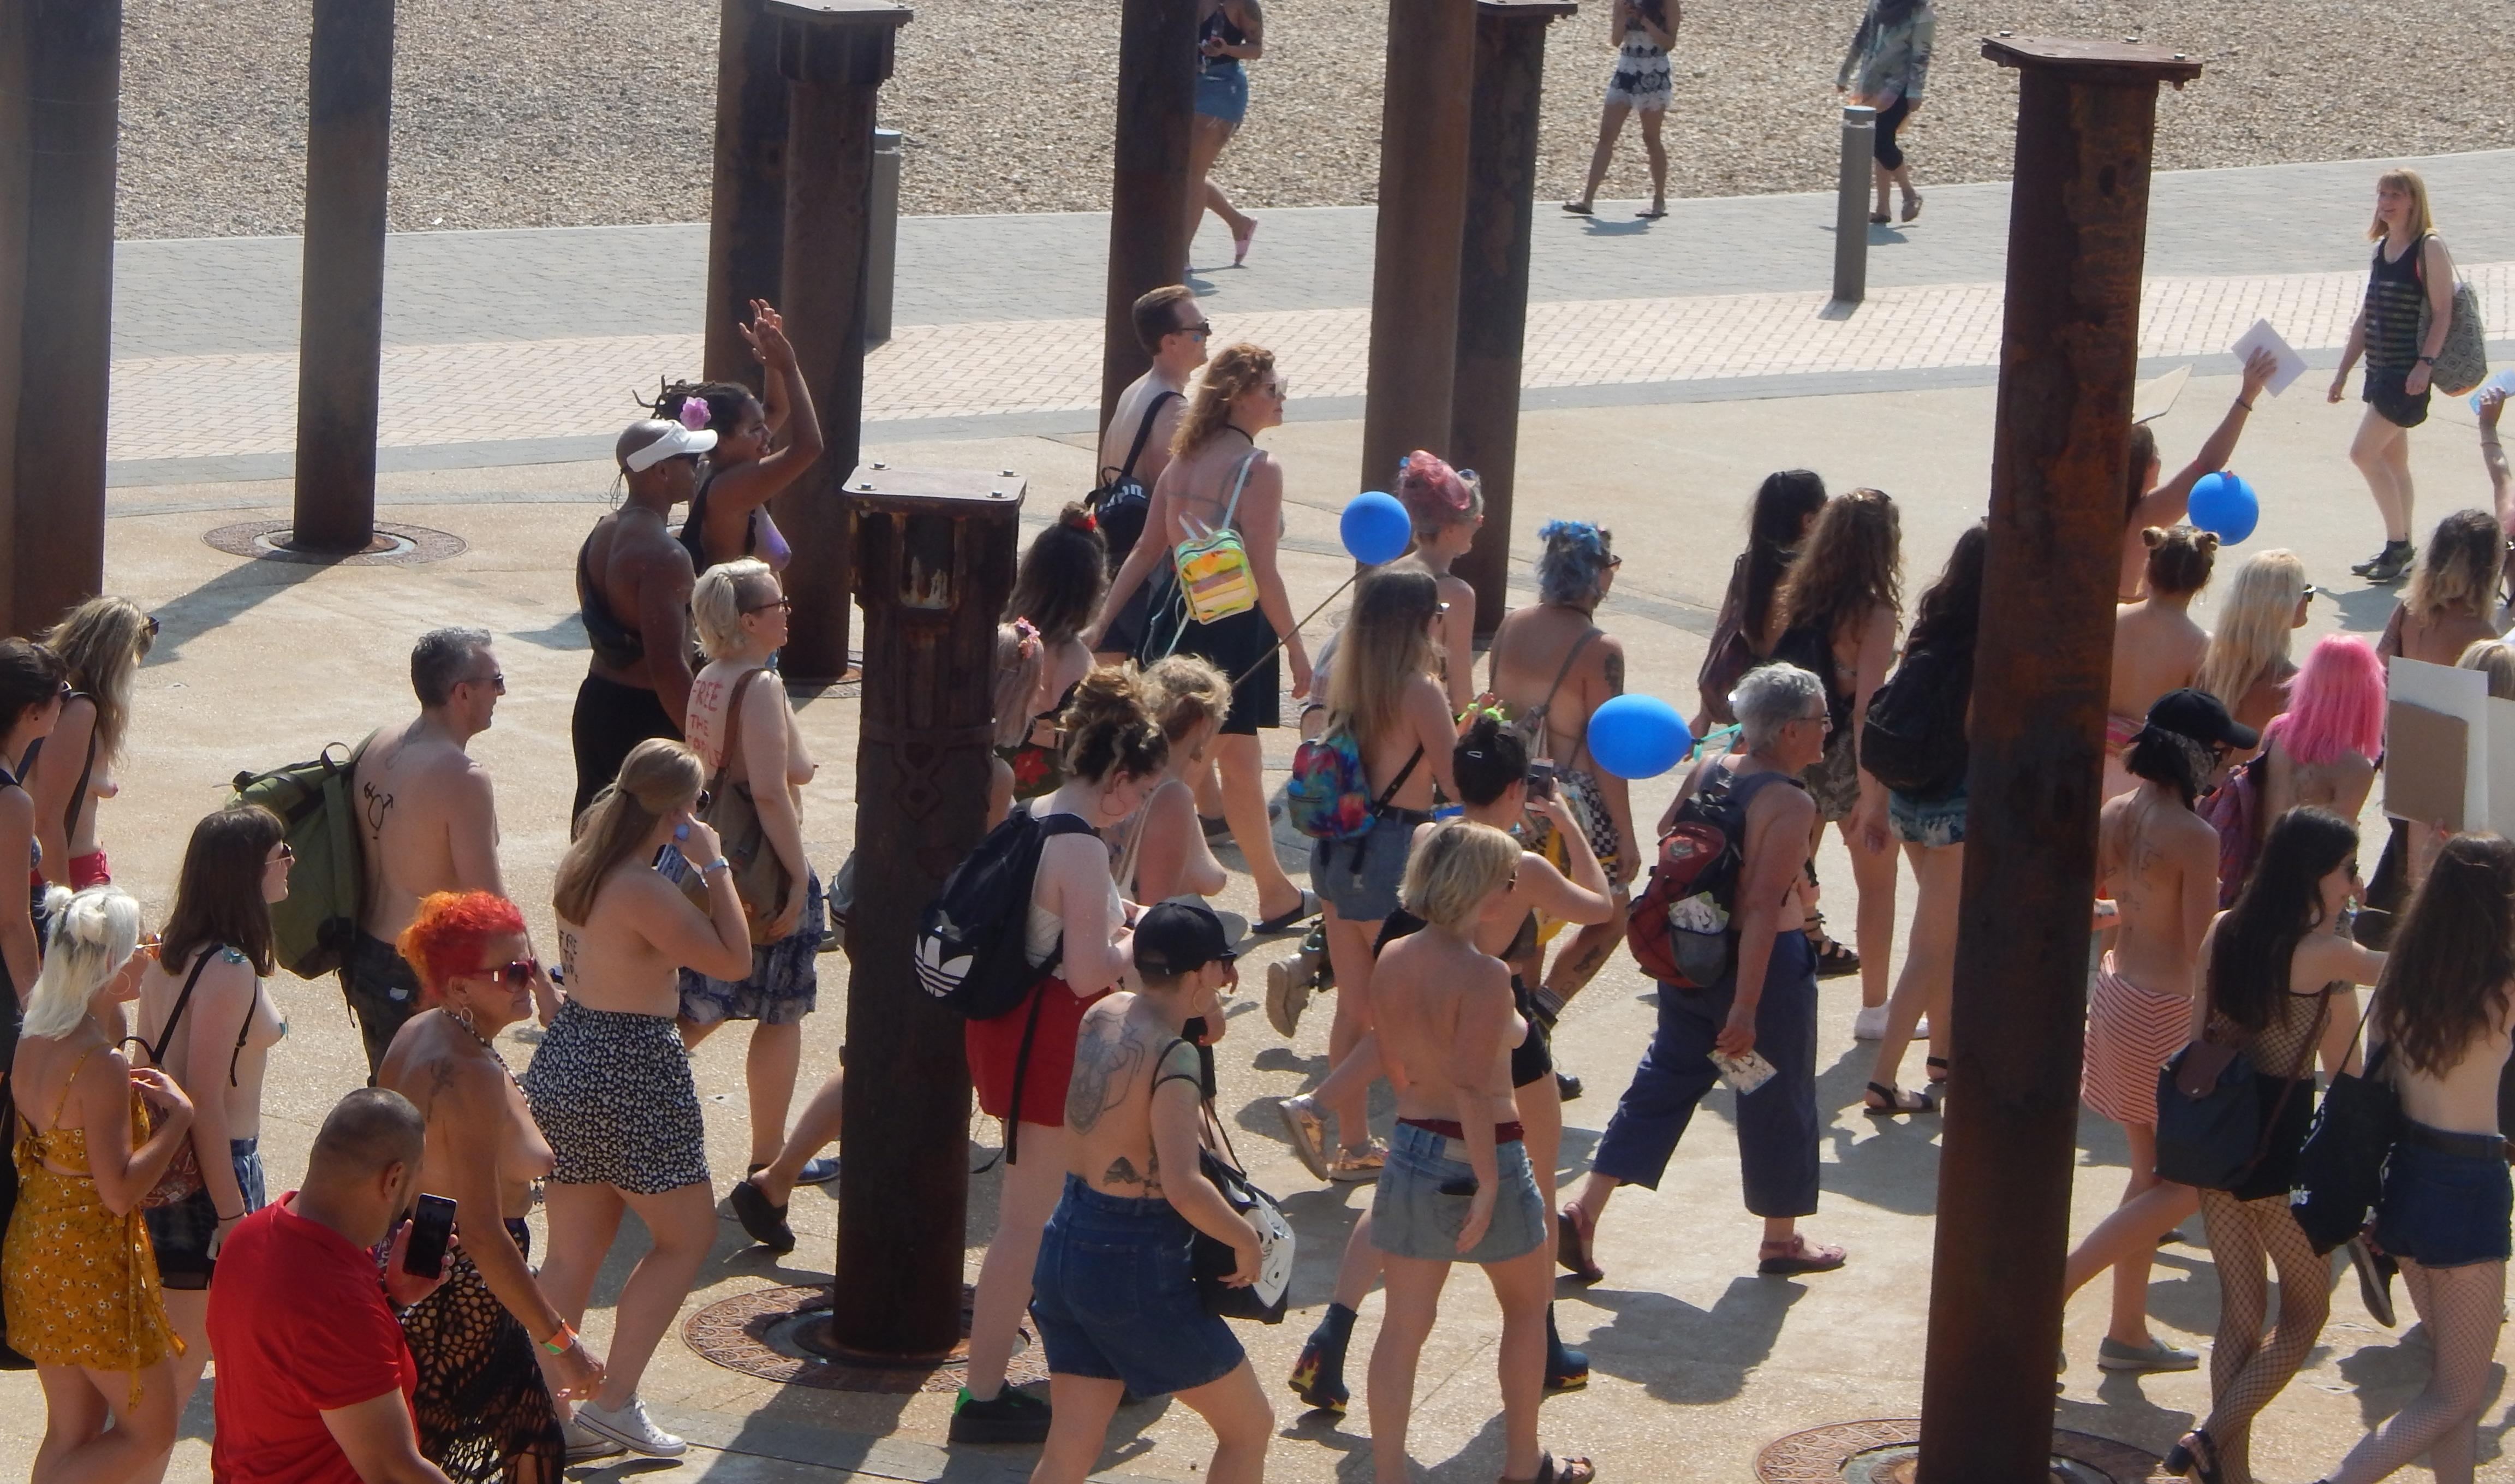 File:Brighton 2018 Free The Nipple rally 112.jpg